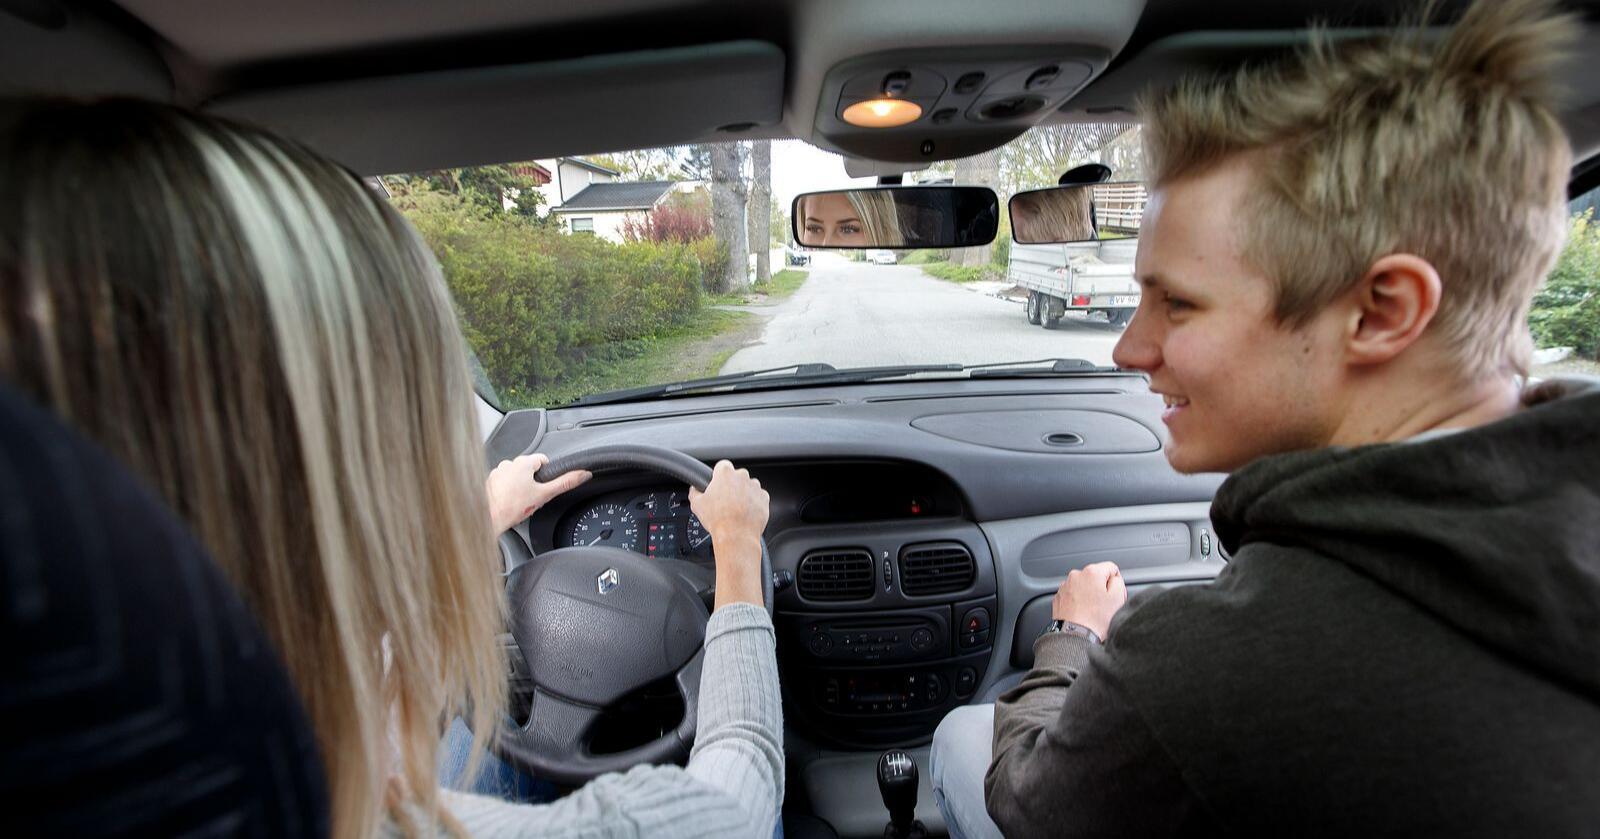 Et regjeringsutvalg har foreslått å la 16-åringer kjøre bil på bygda. Det er ikke alle like positive til. Foto: Gorm Kallestad/NTB